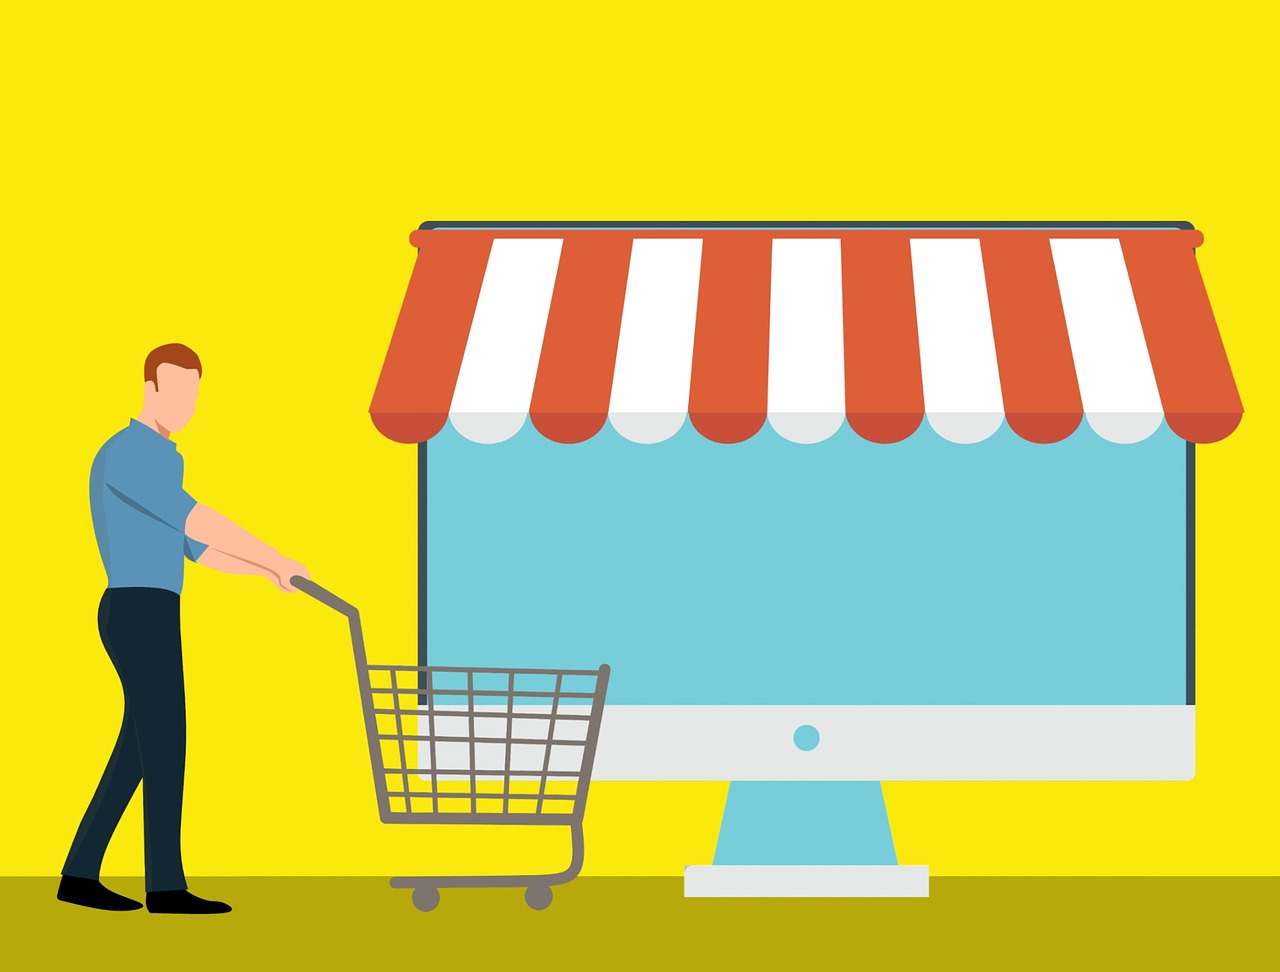 Rezygnacja z usługi – przedsiębiorąca musi zwrócić konsumentowi wpłaconą kwotę